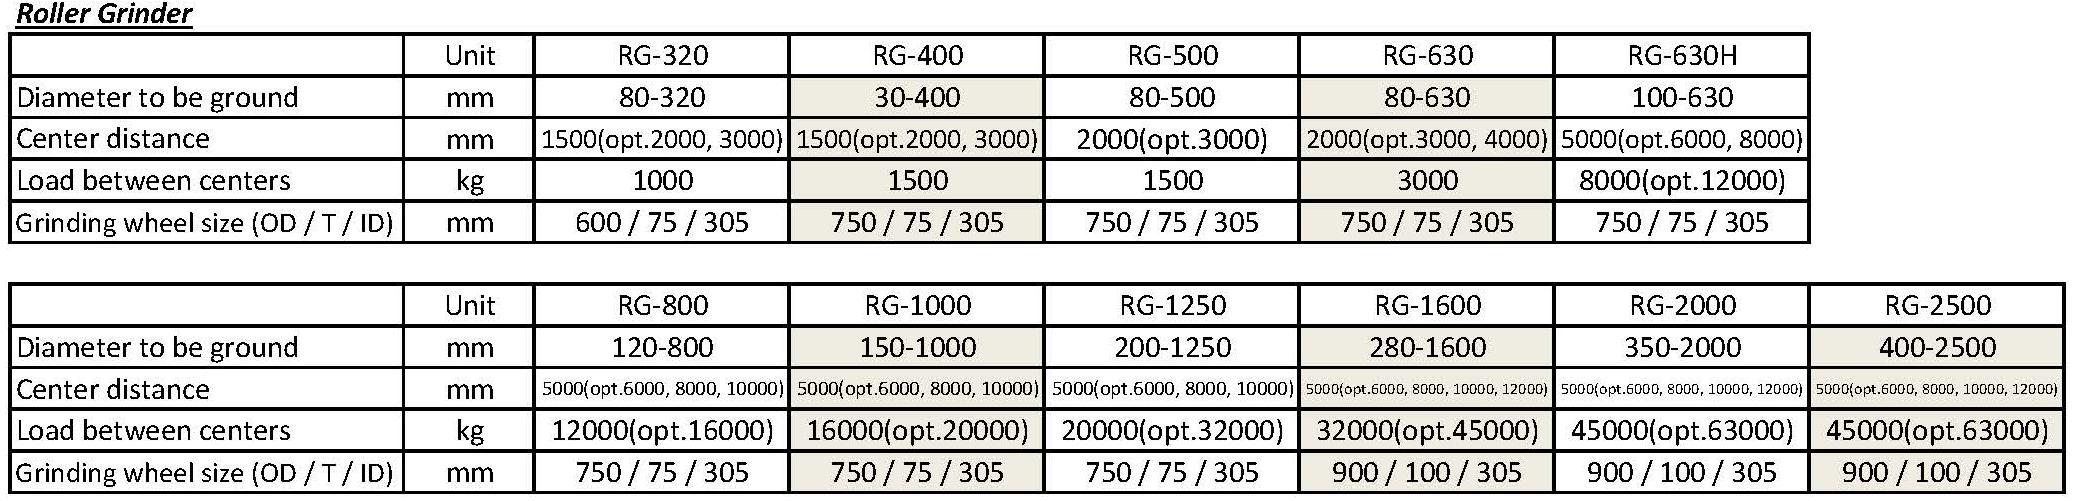 技术参数 - RG